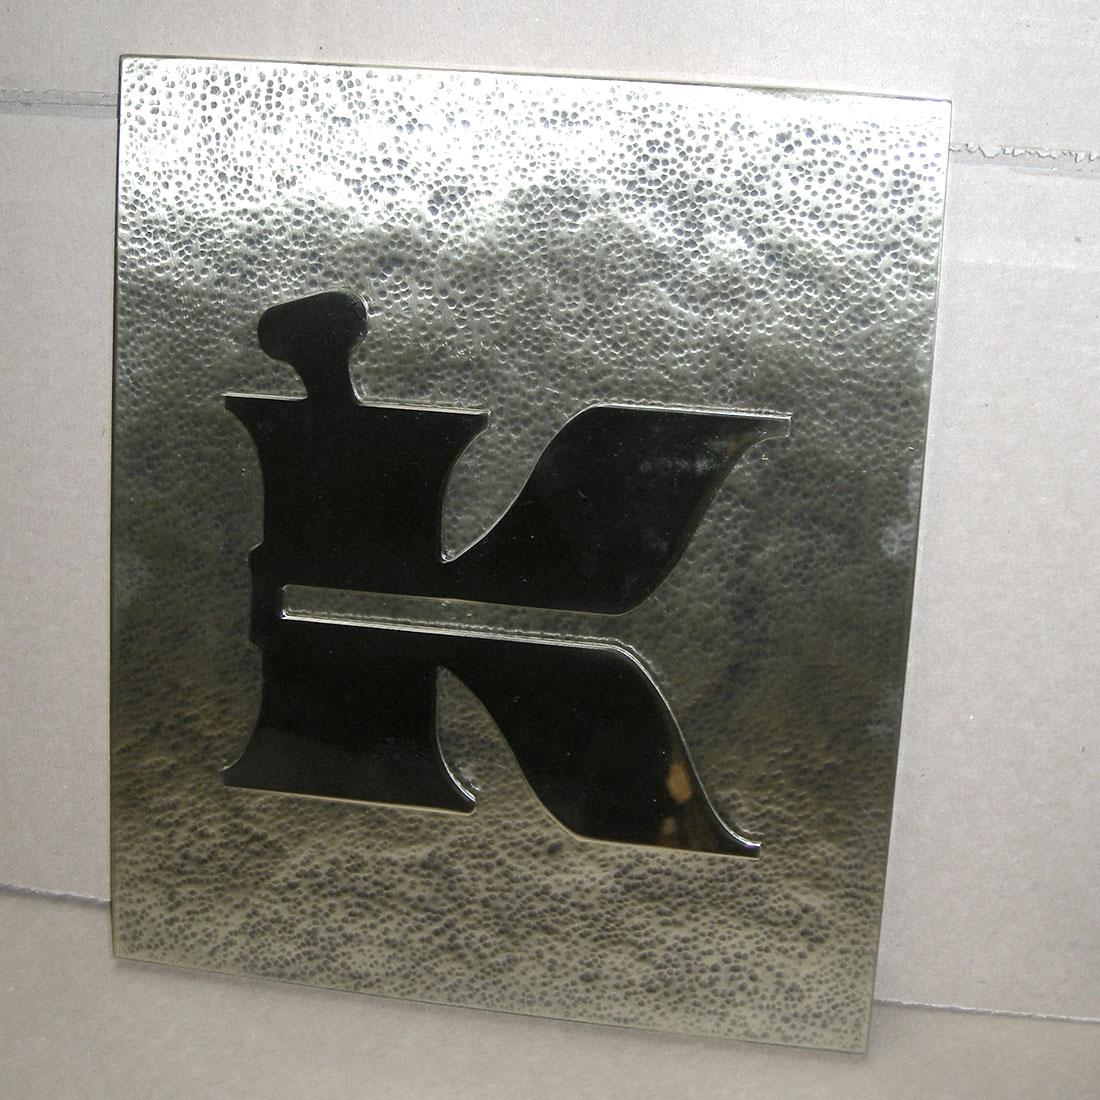 gadget-fugrup-placas-signals-calles-metal_03